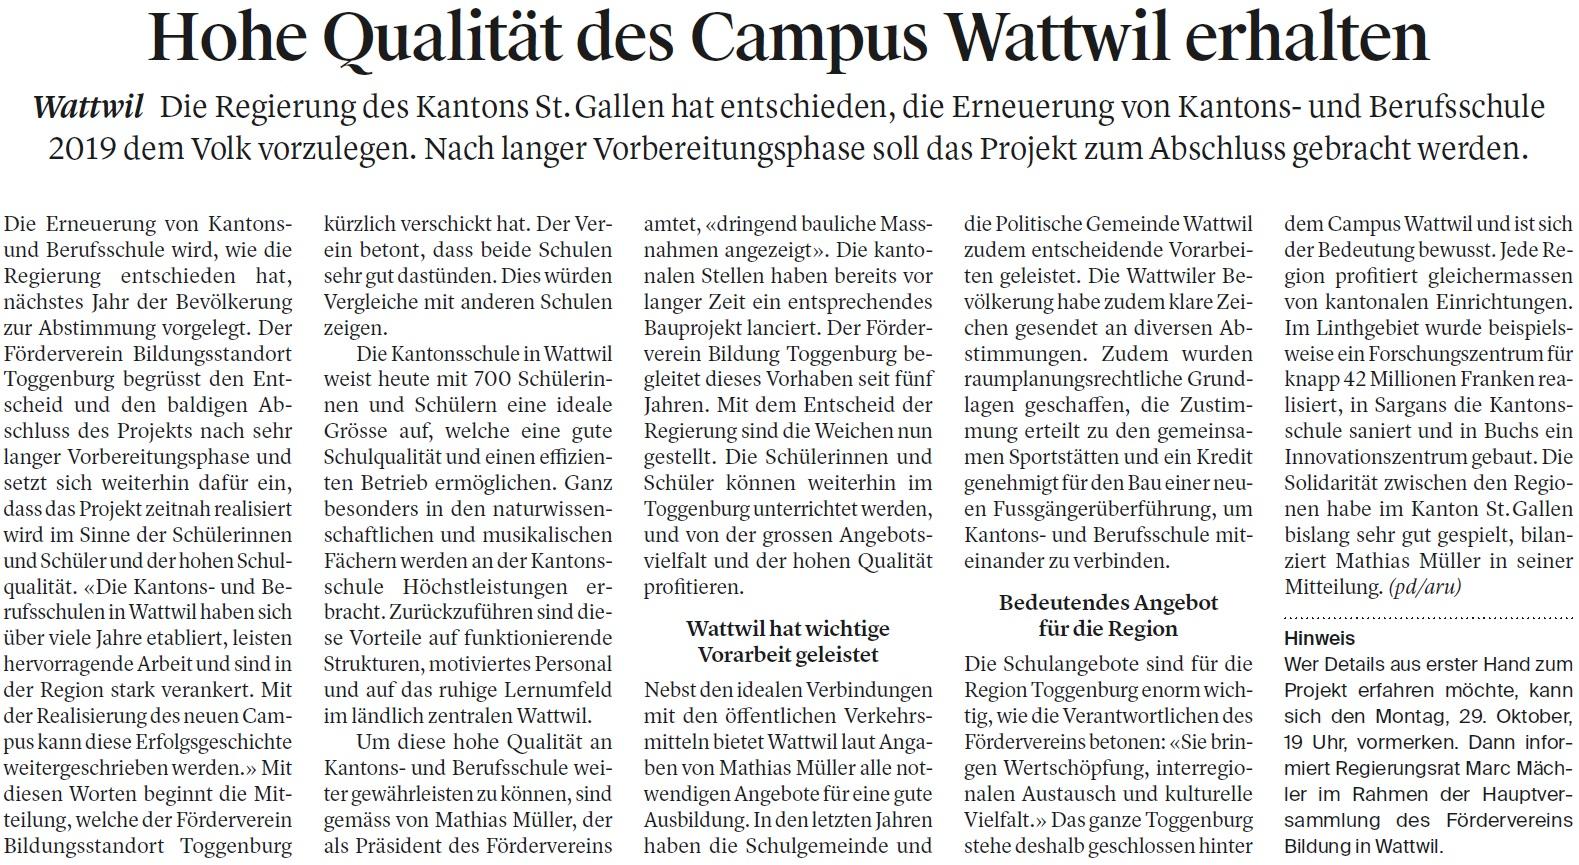 Hohe Qualität des Campus Wattwil erhalten (Montag, 27.08.2018)